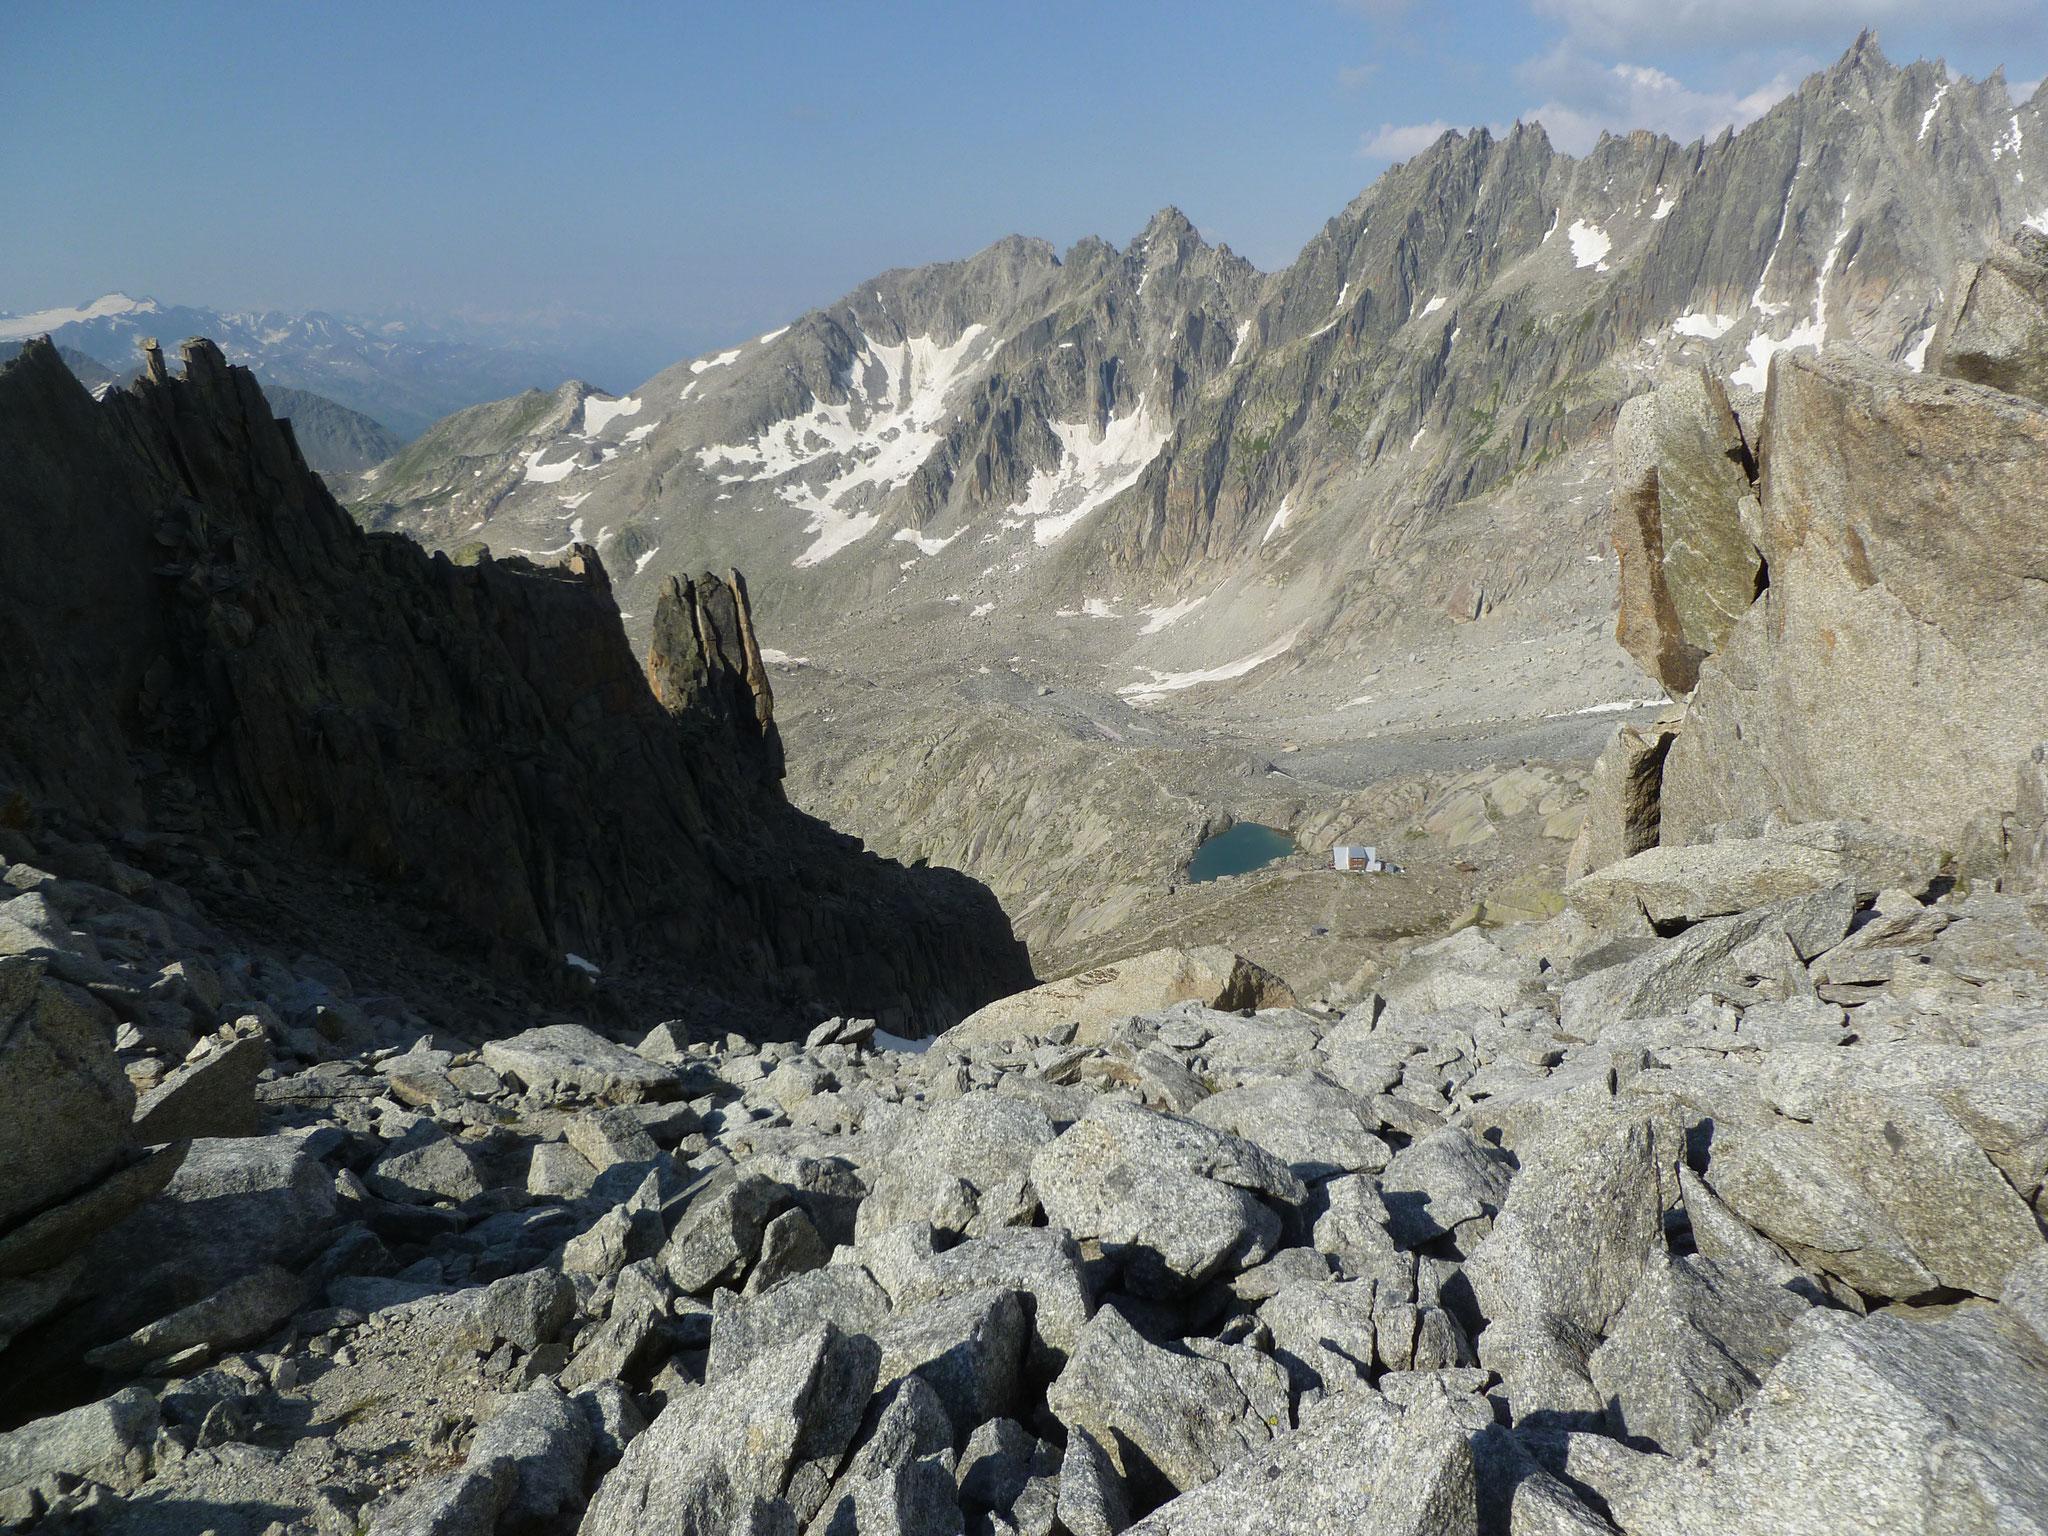 Weiter oben, mit Blick auf die Sidelenhütte